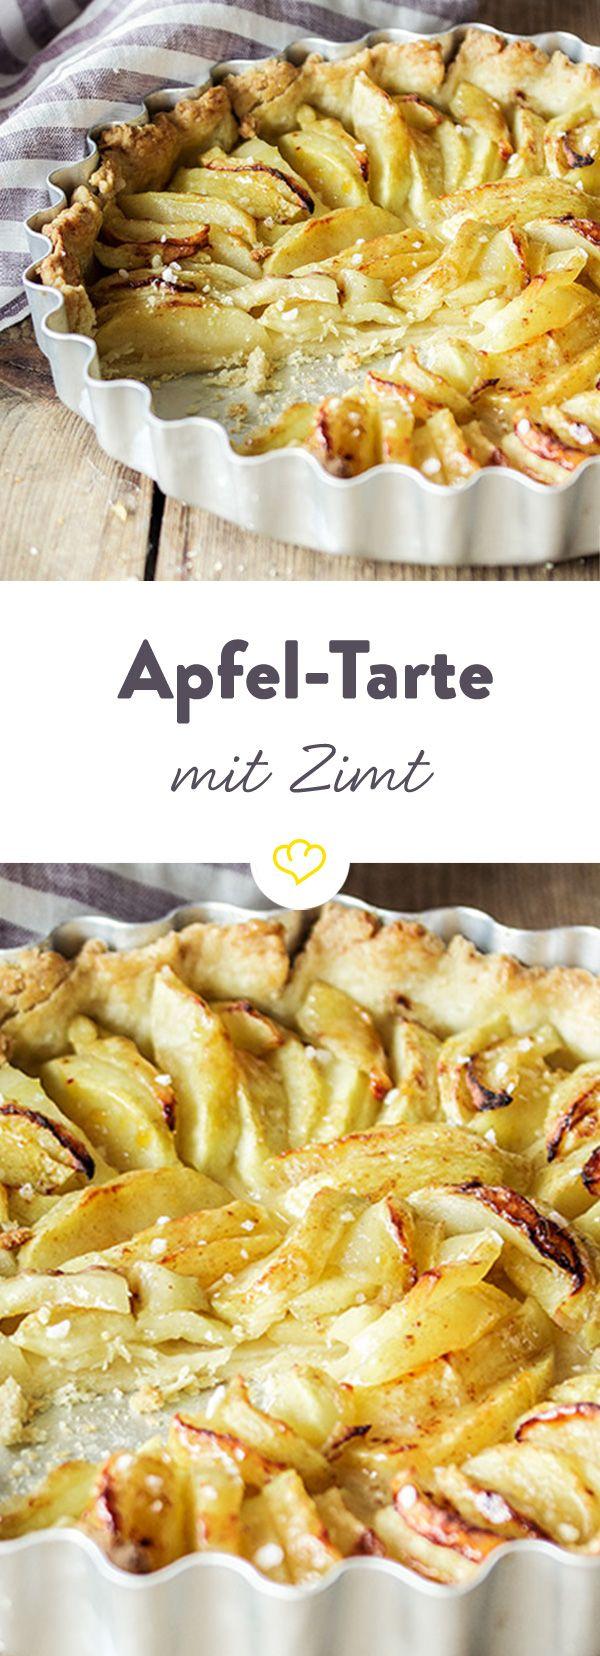 Französische Apfel-Tarte #la